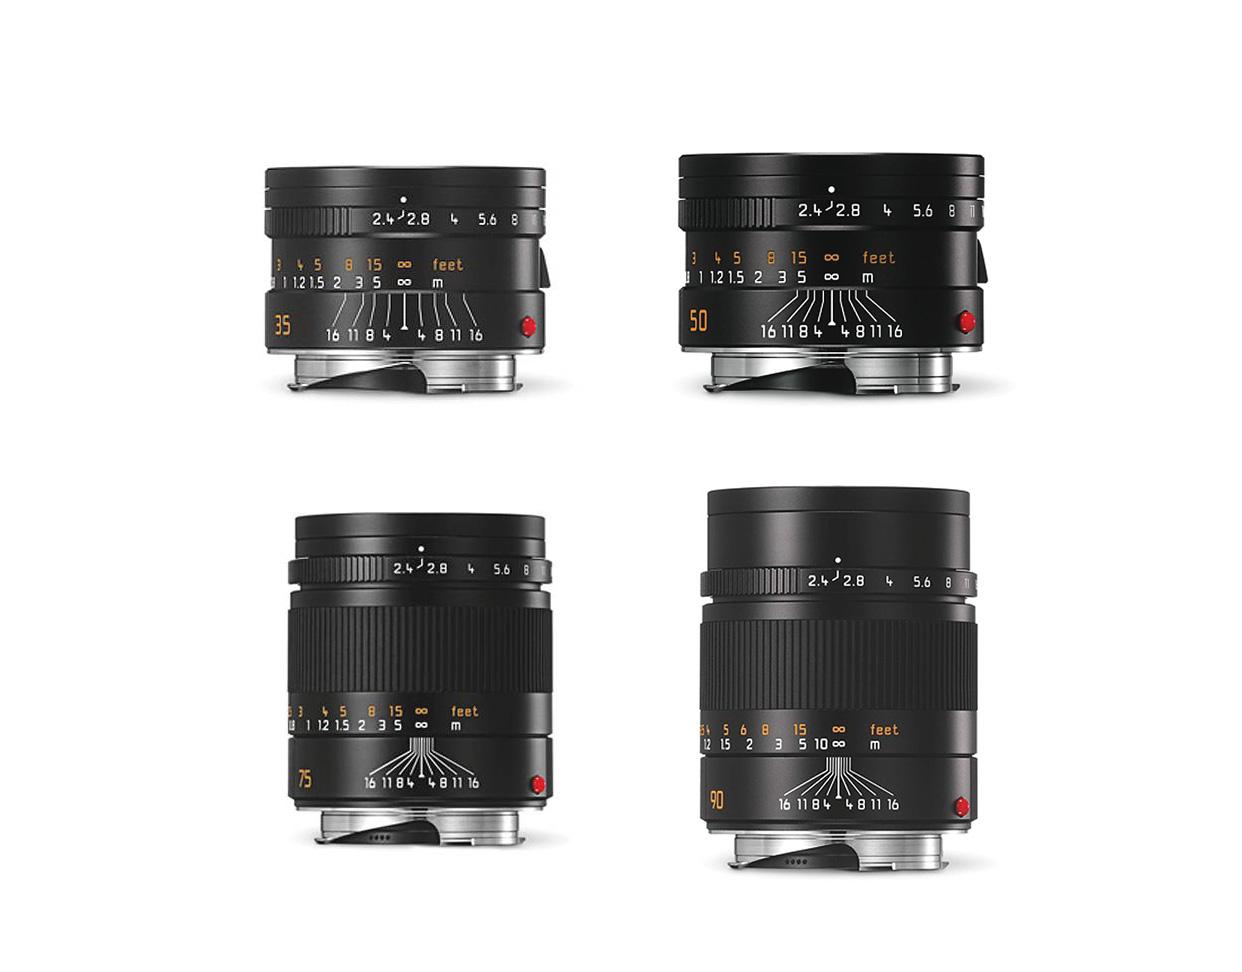 leica-summarit-m-35mm-f2-4-asph-50mm-f2-4-75mm-f2-4-90mm-f2-4